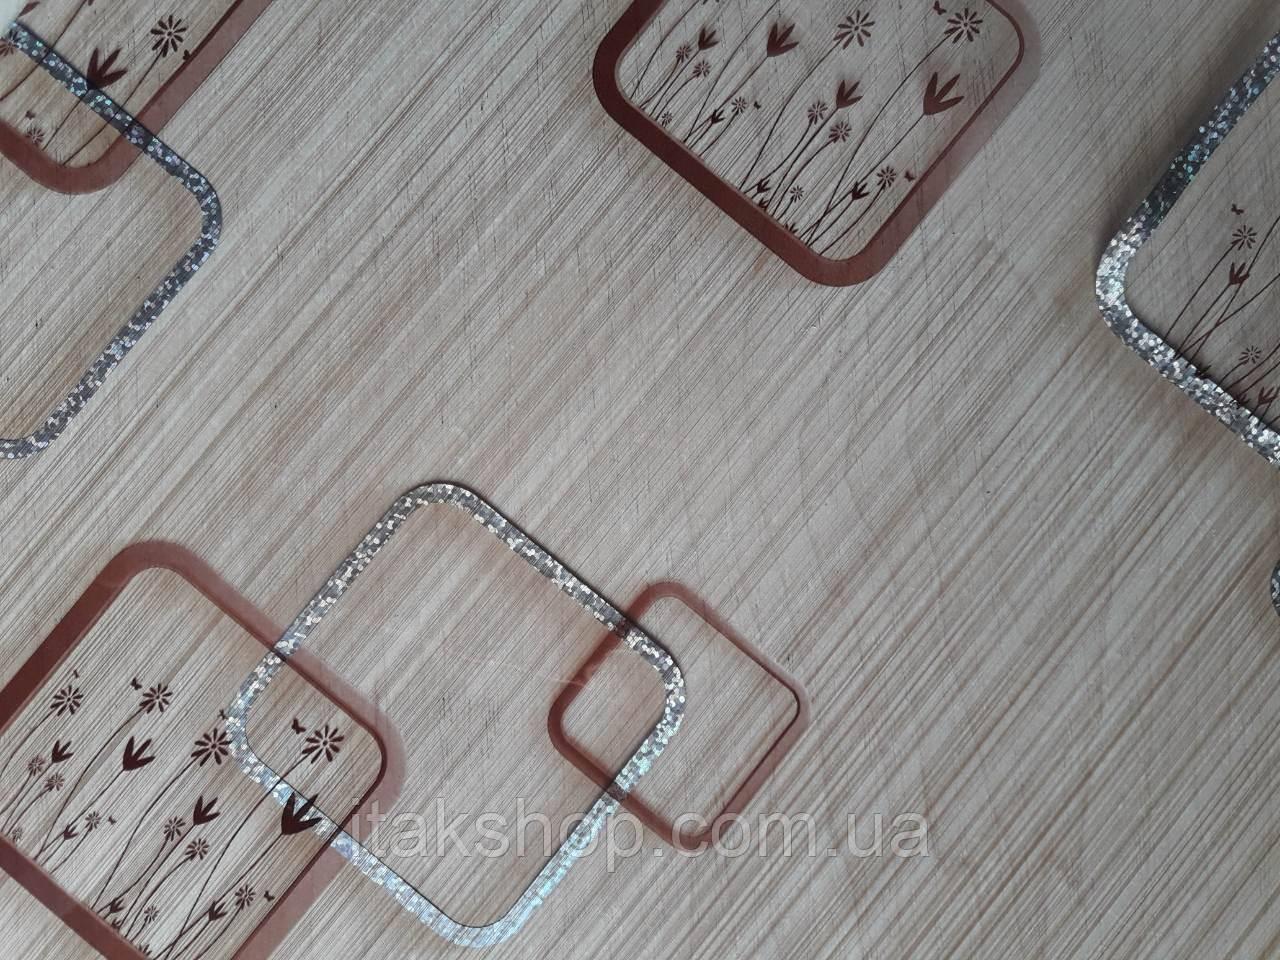 Мягкое стекло Скатерть с лазерным рисунком для мебели Soft Glass 2.2х0.8м толщина 1.5мм Бежевая с цветами